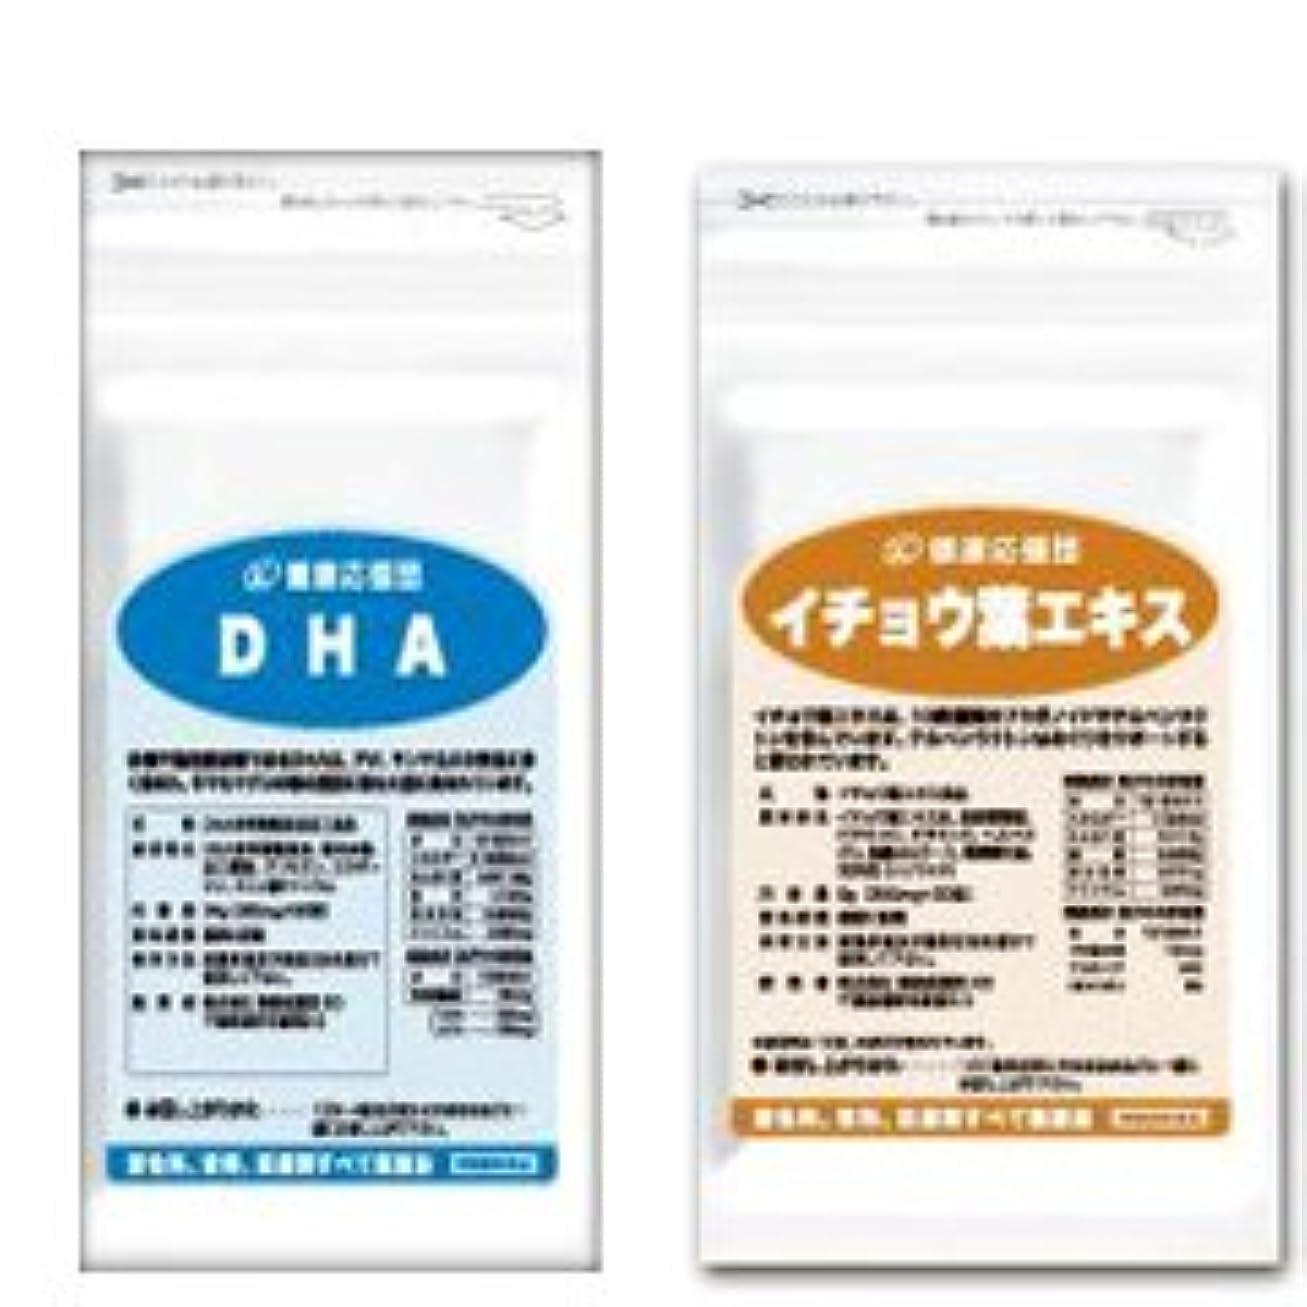 エスカレート役割どこにでも(お徳用3か月分)サラサラ巡りセット DHA + イチョウ葉エキス 3袋&3袋セット(DHA?EPA?イチョウ葉?ビタミンC?ビタミンE?ビタミンP配合)